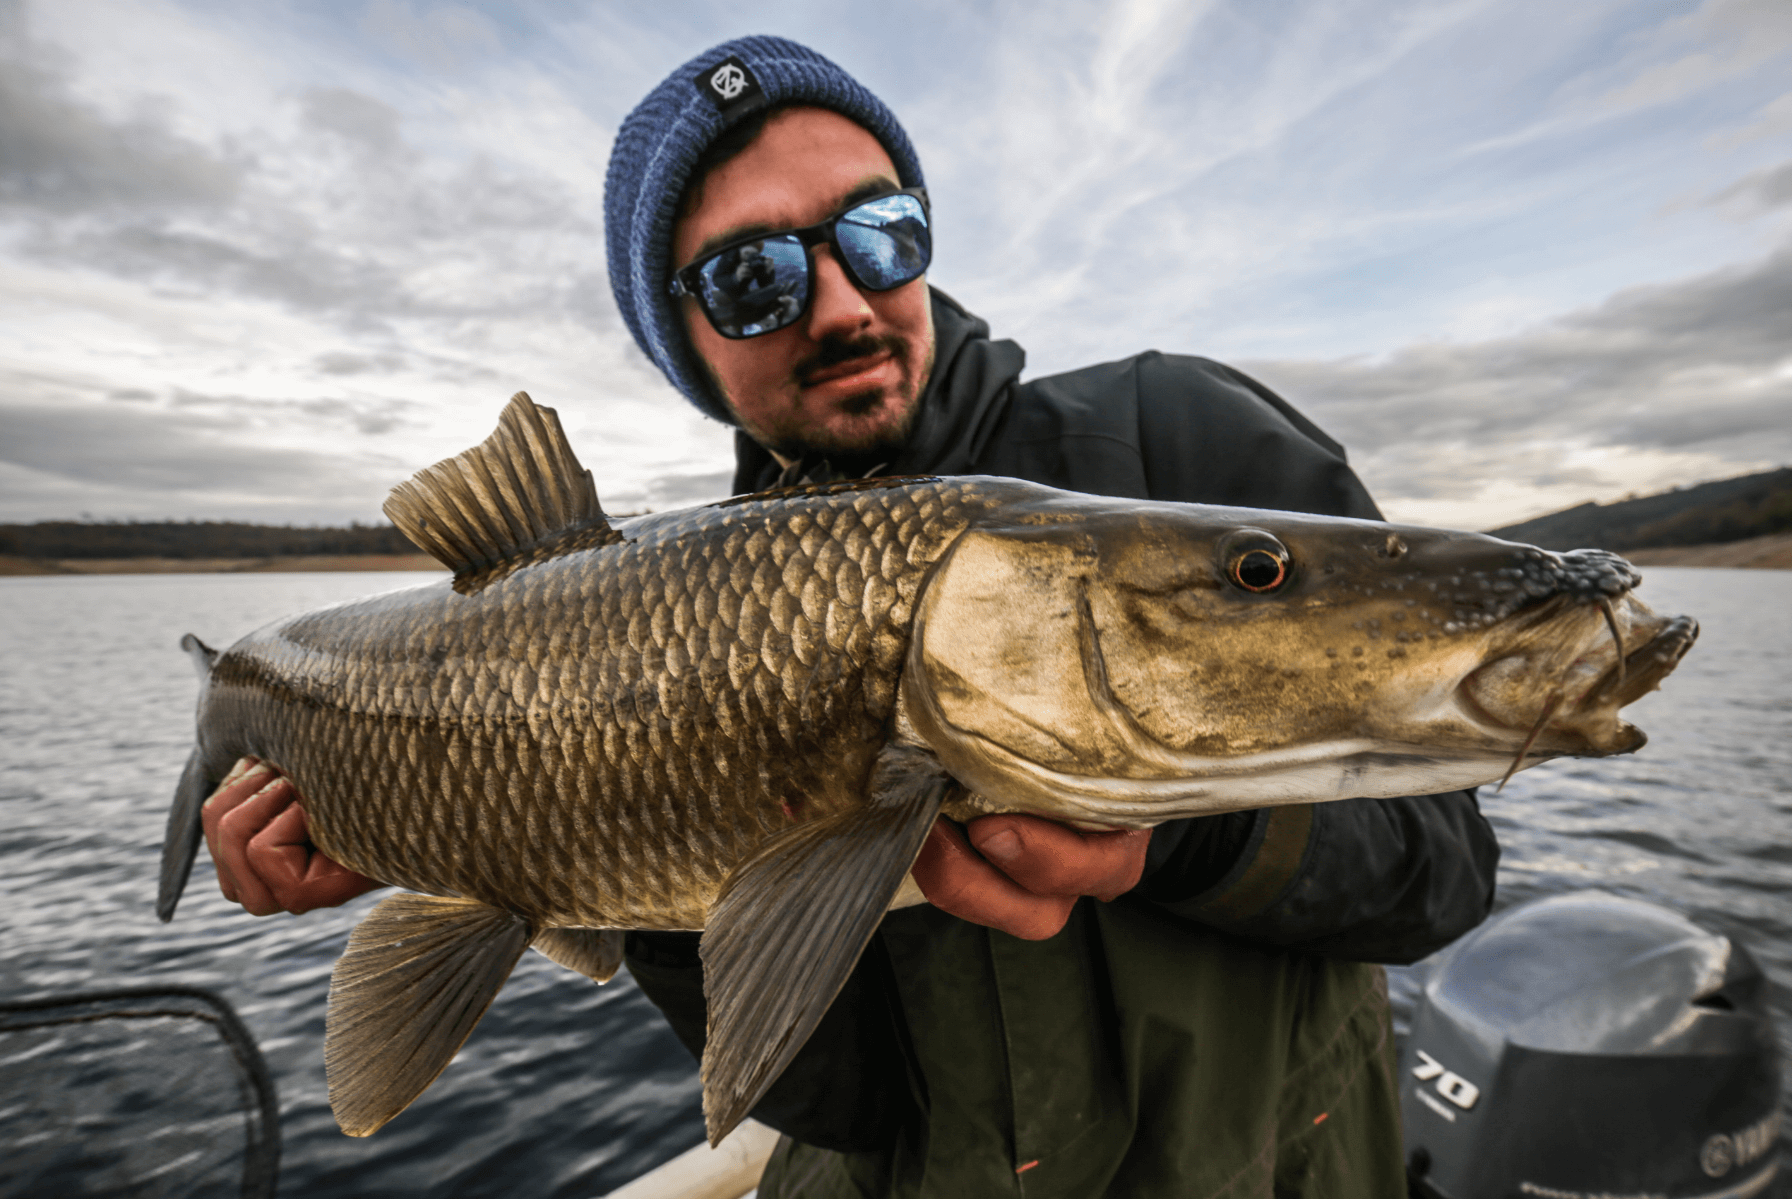 Angler mit einem Fisch in der Hand auf einem Boot.